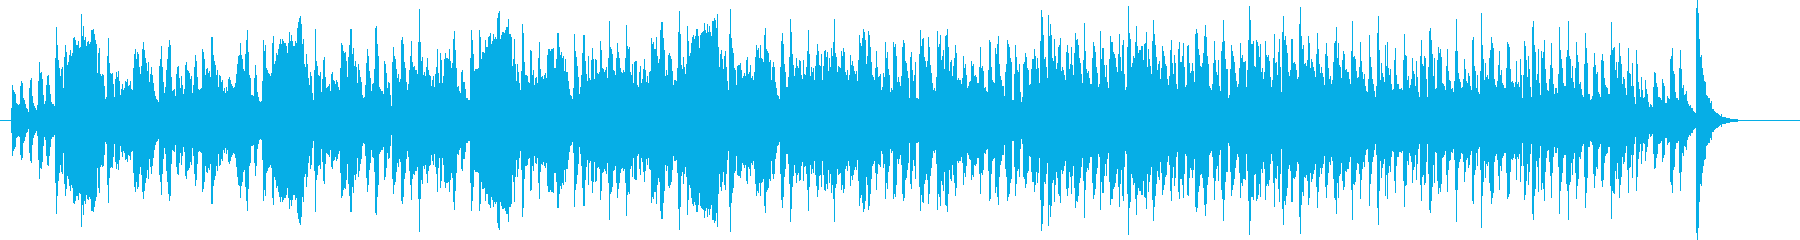 クラシック調金管楽器シンセなどの曲の再生済みの波形